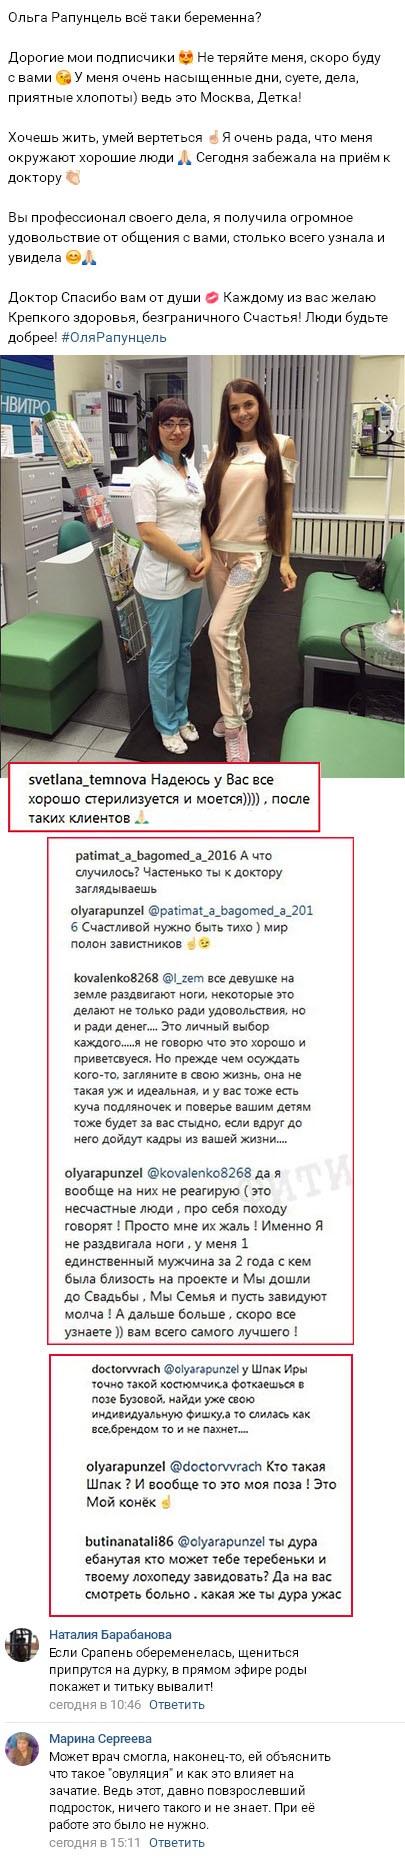 Косвенные доказательства беременности Ольги Рапунцель